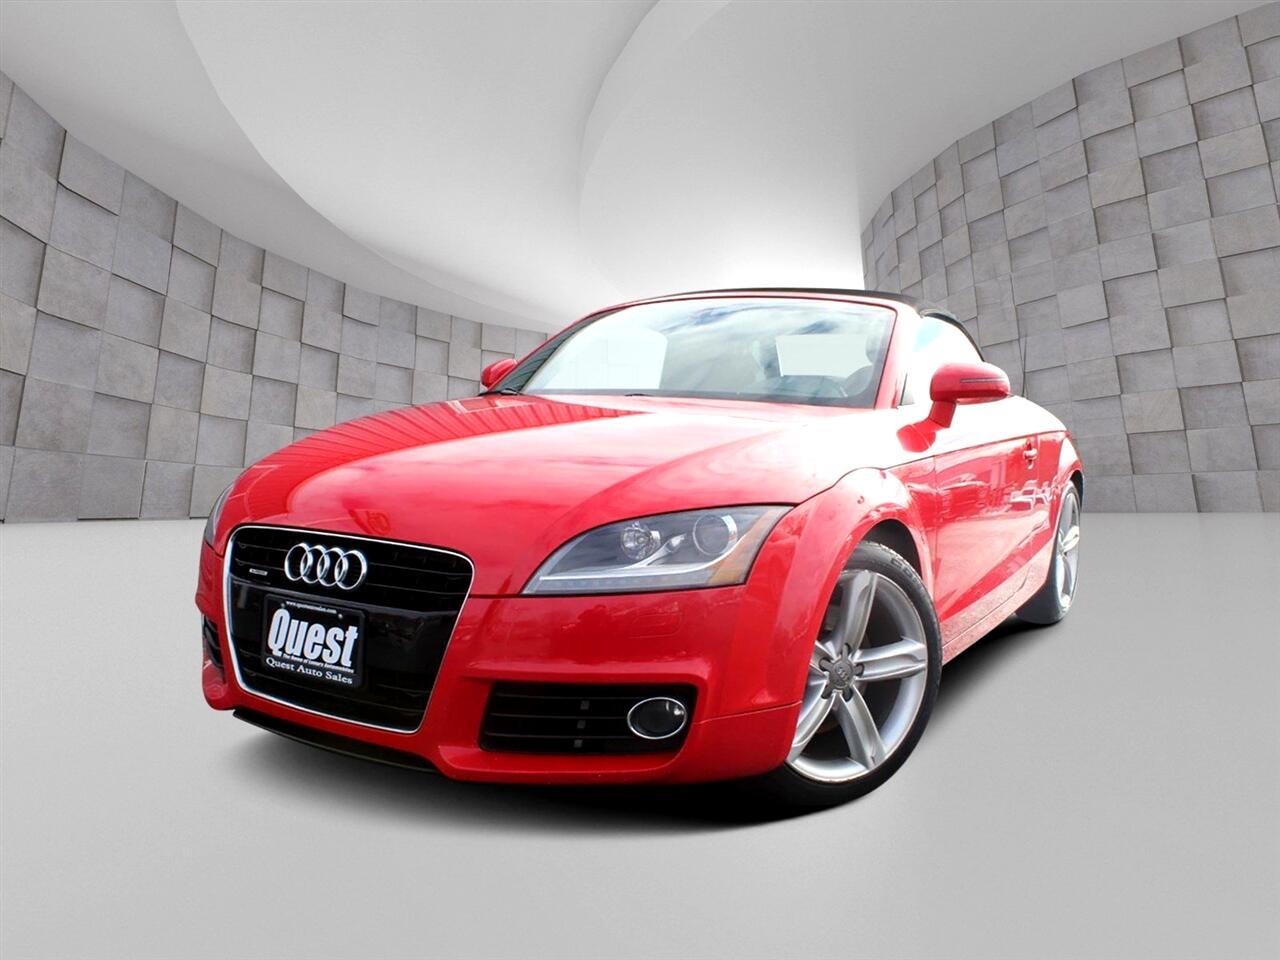 Audi TT 2dr Roadster S tronic quattro 2.0T Premium Plus 2012